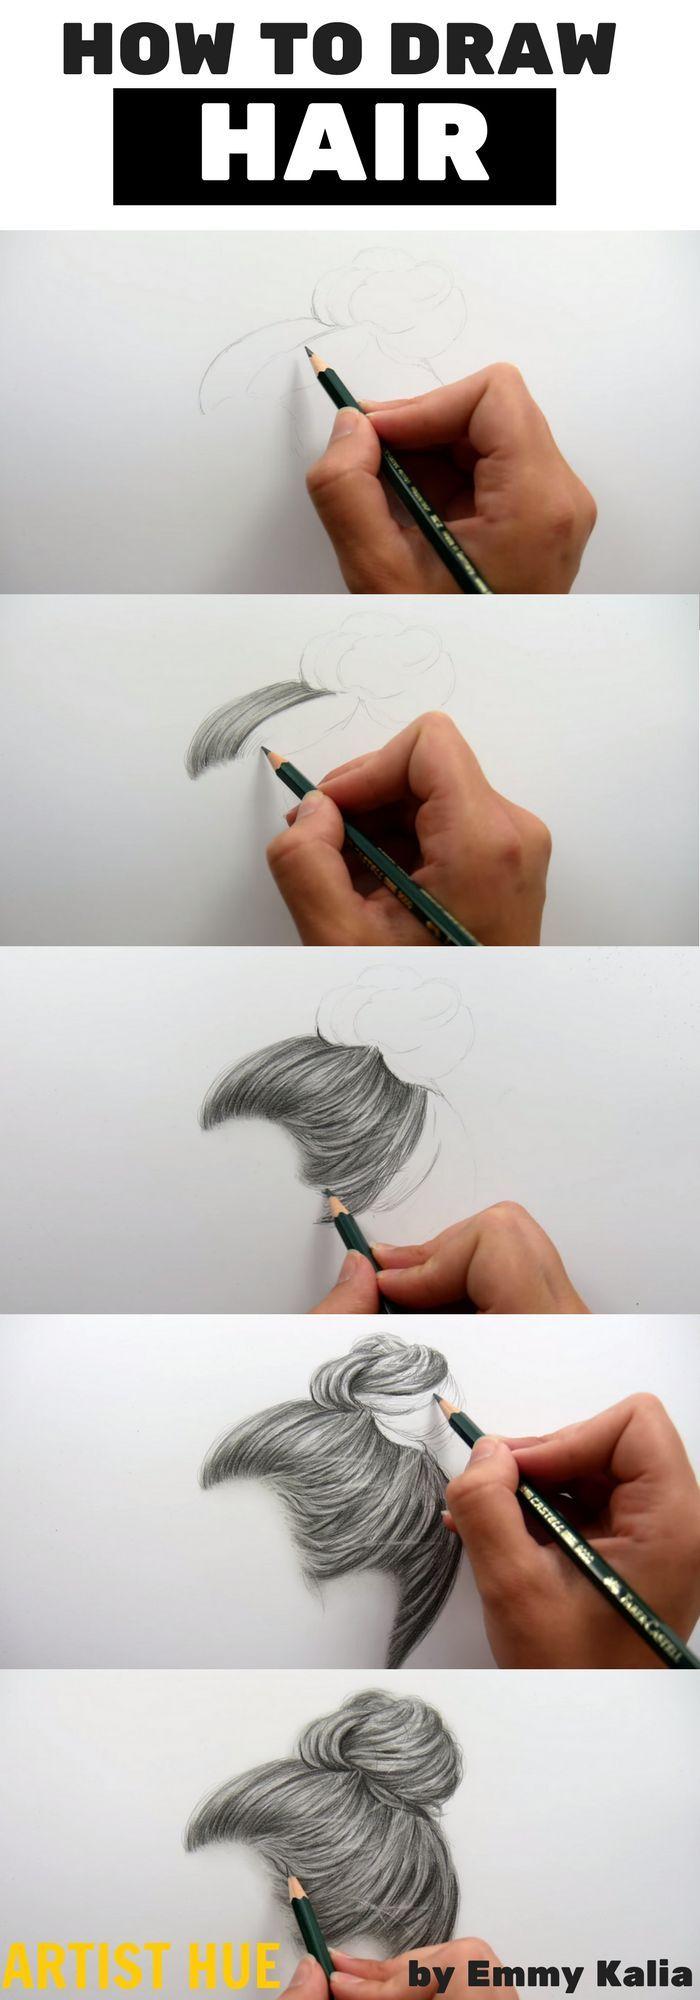 Hoe haar goed te tekenen?